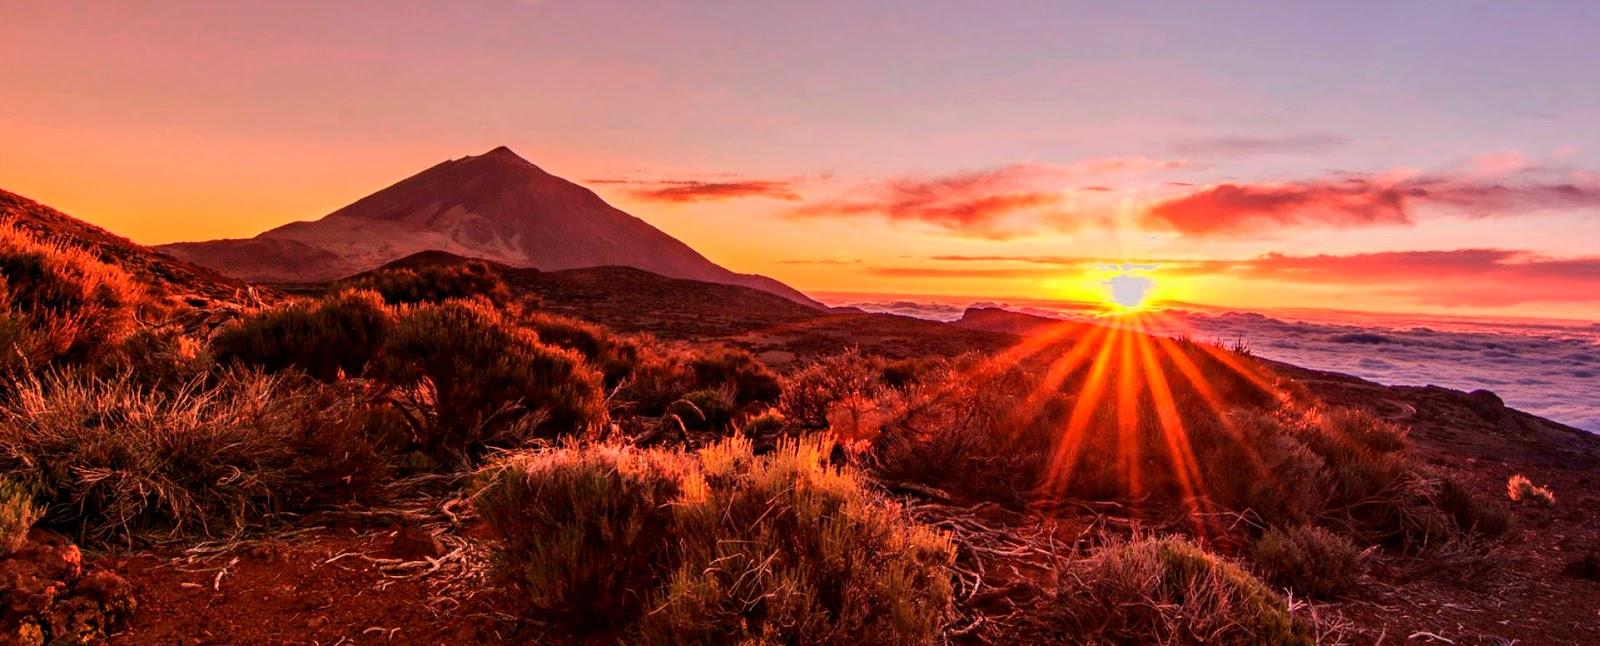 Visitar el Parque Nacional del Teide. 1